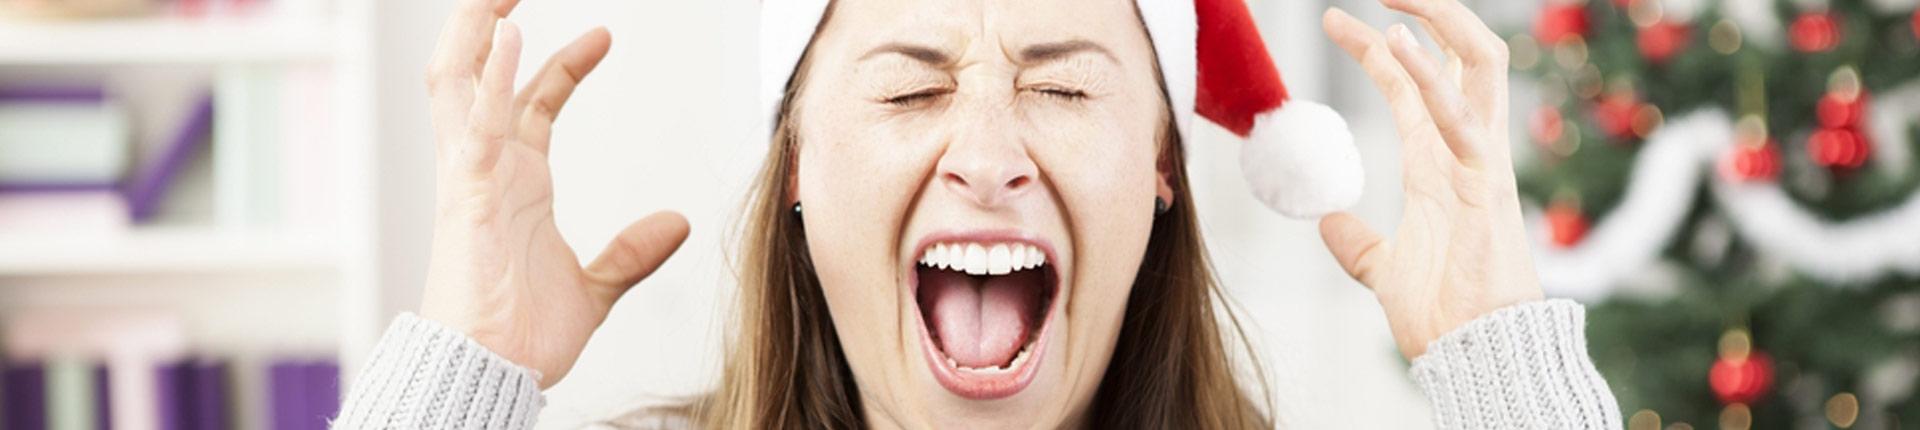 Jak przeżyć święta i nie zwariować? Jak się nie stresować?